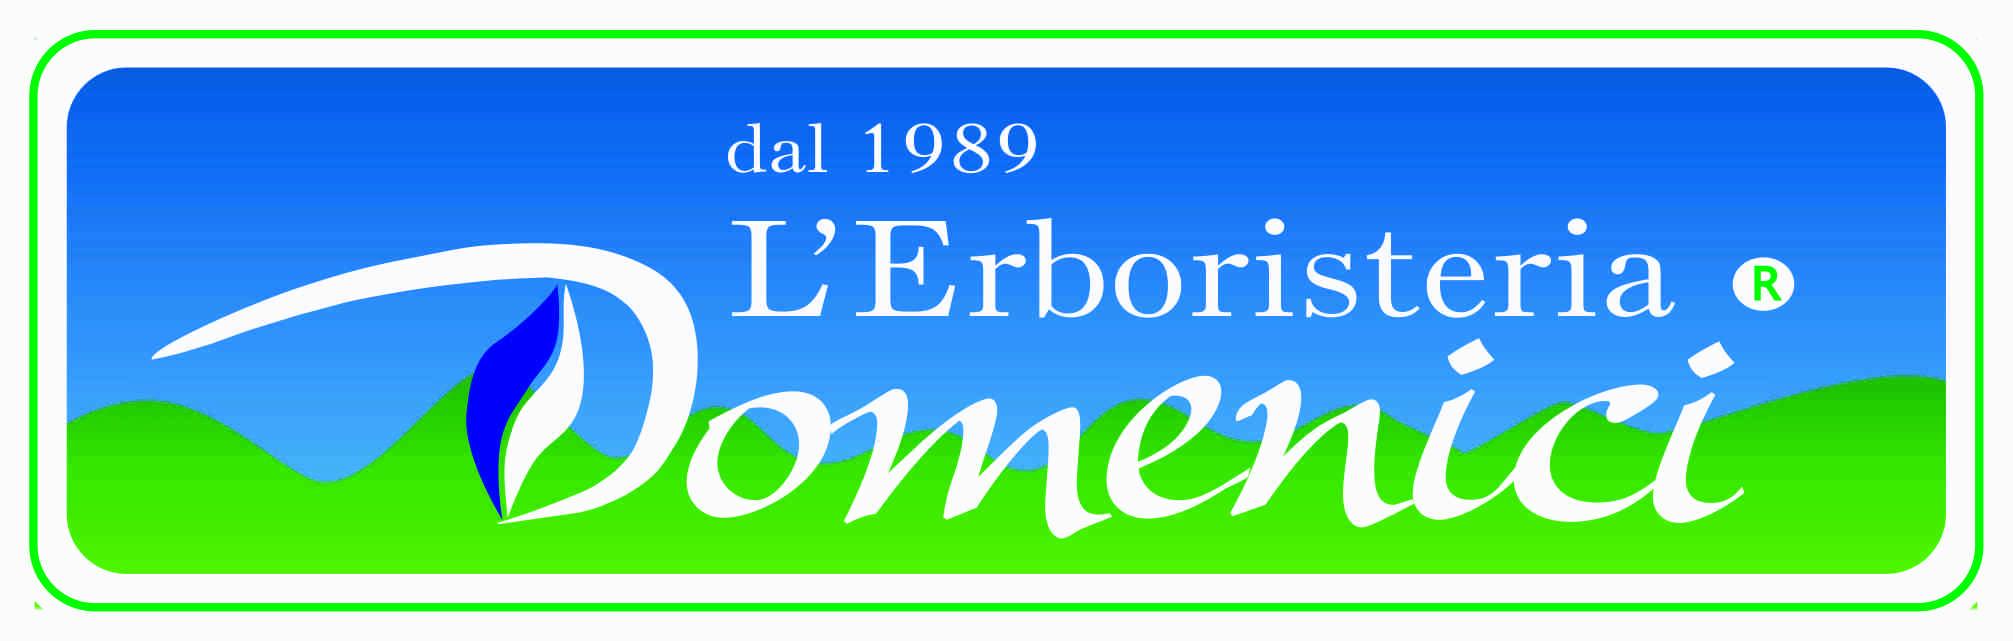 logo erboristeria domenici